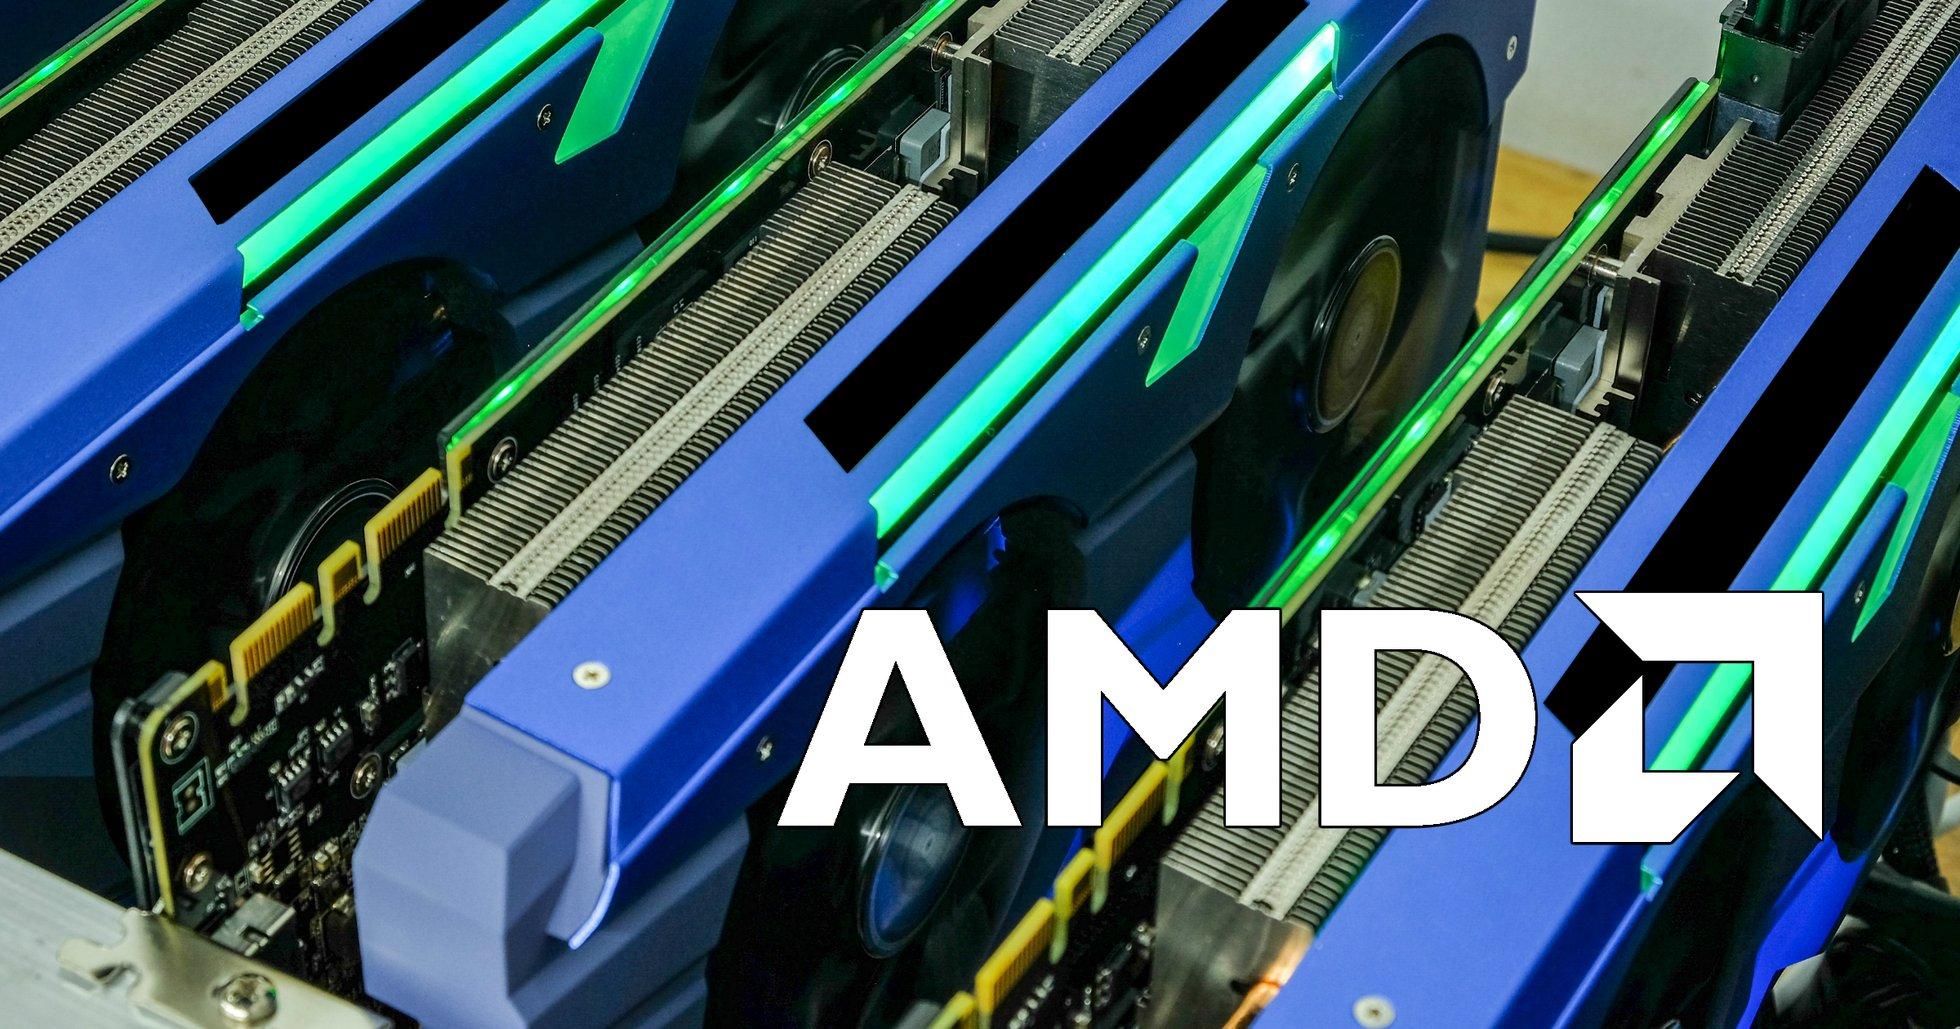 AMD:s intäkter minskade kraftigt under första kvartalet i år, troligen som en konsekvens av att intresset för mining av kryptovalutor gick ner.